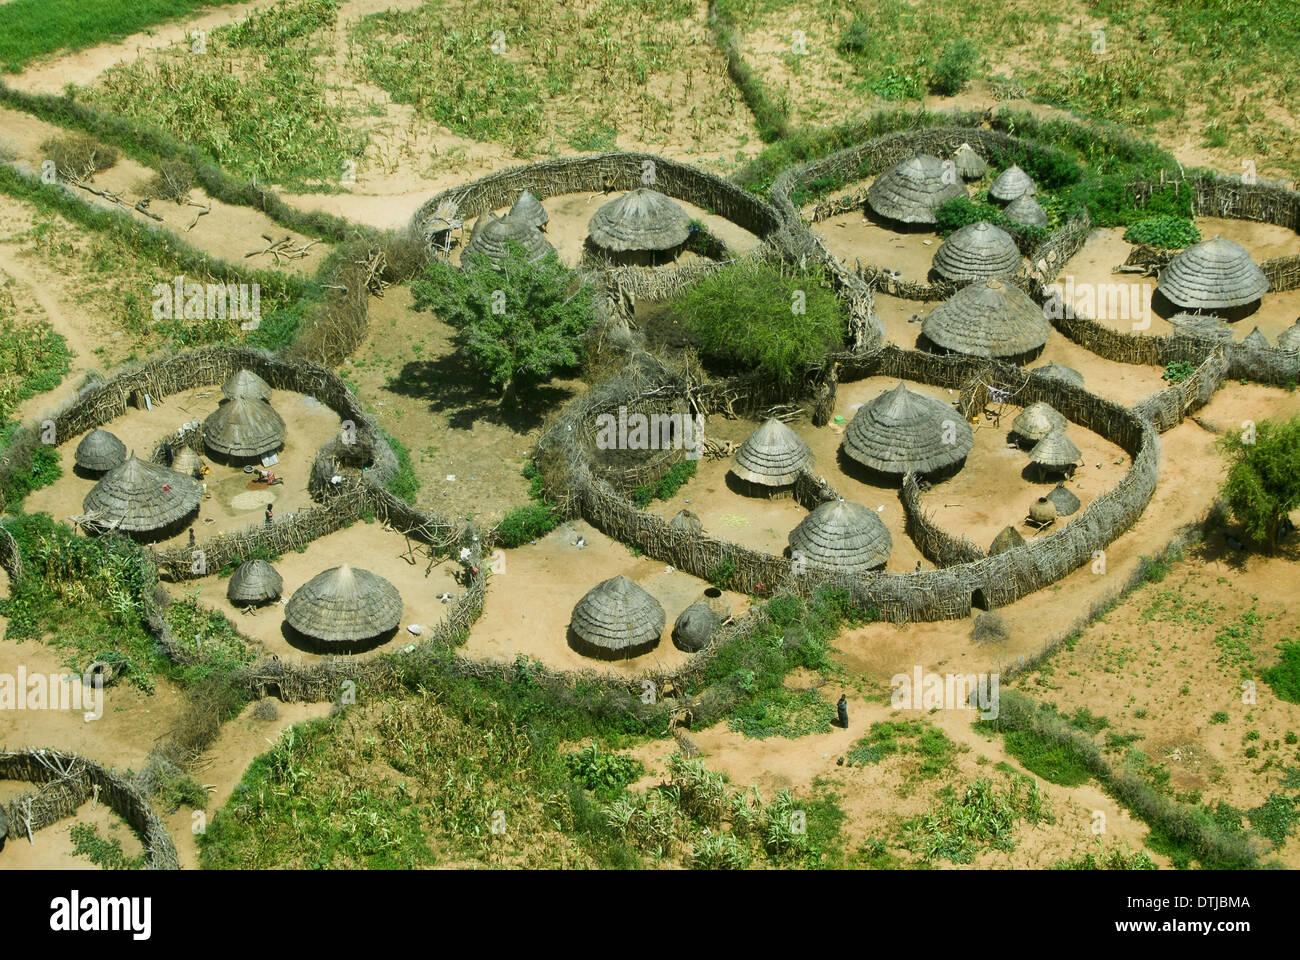 UGANDA, Karamoja, Kotido, karamojong pastoral tribe, aerial